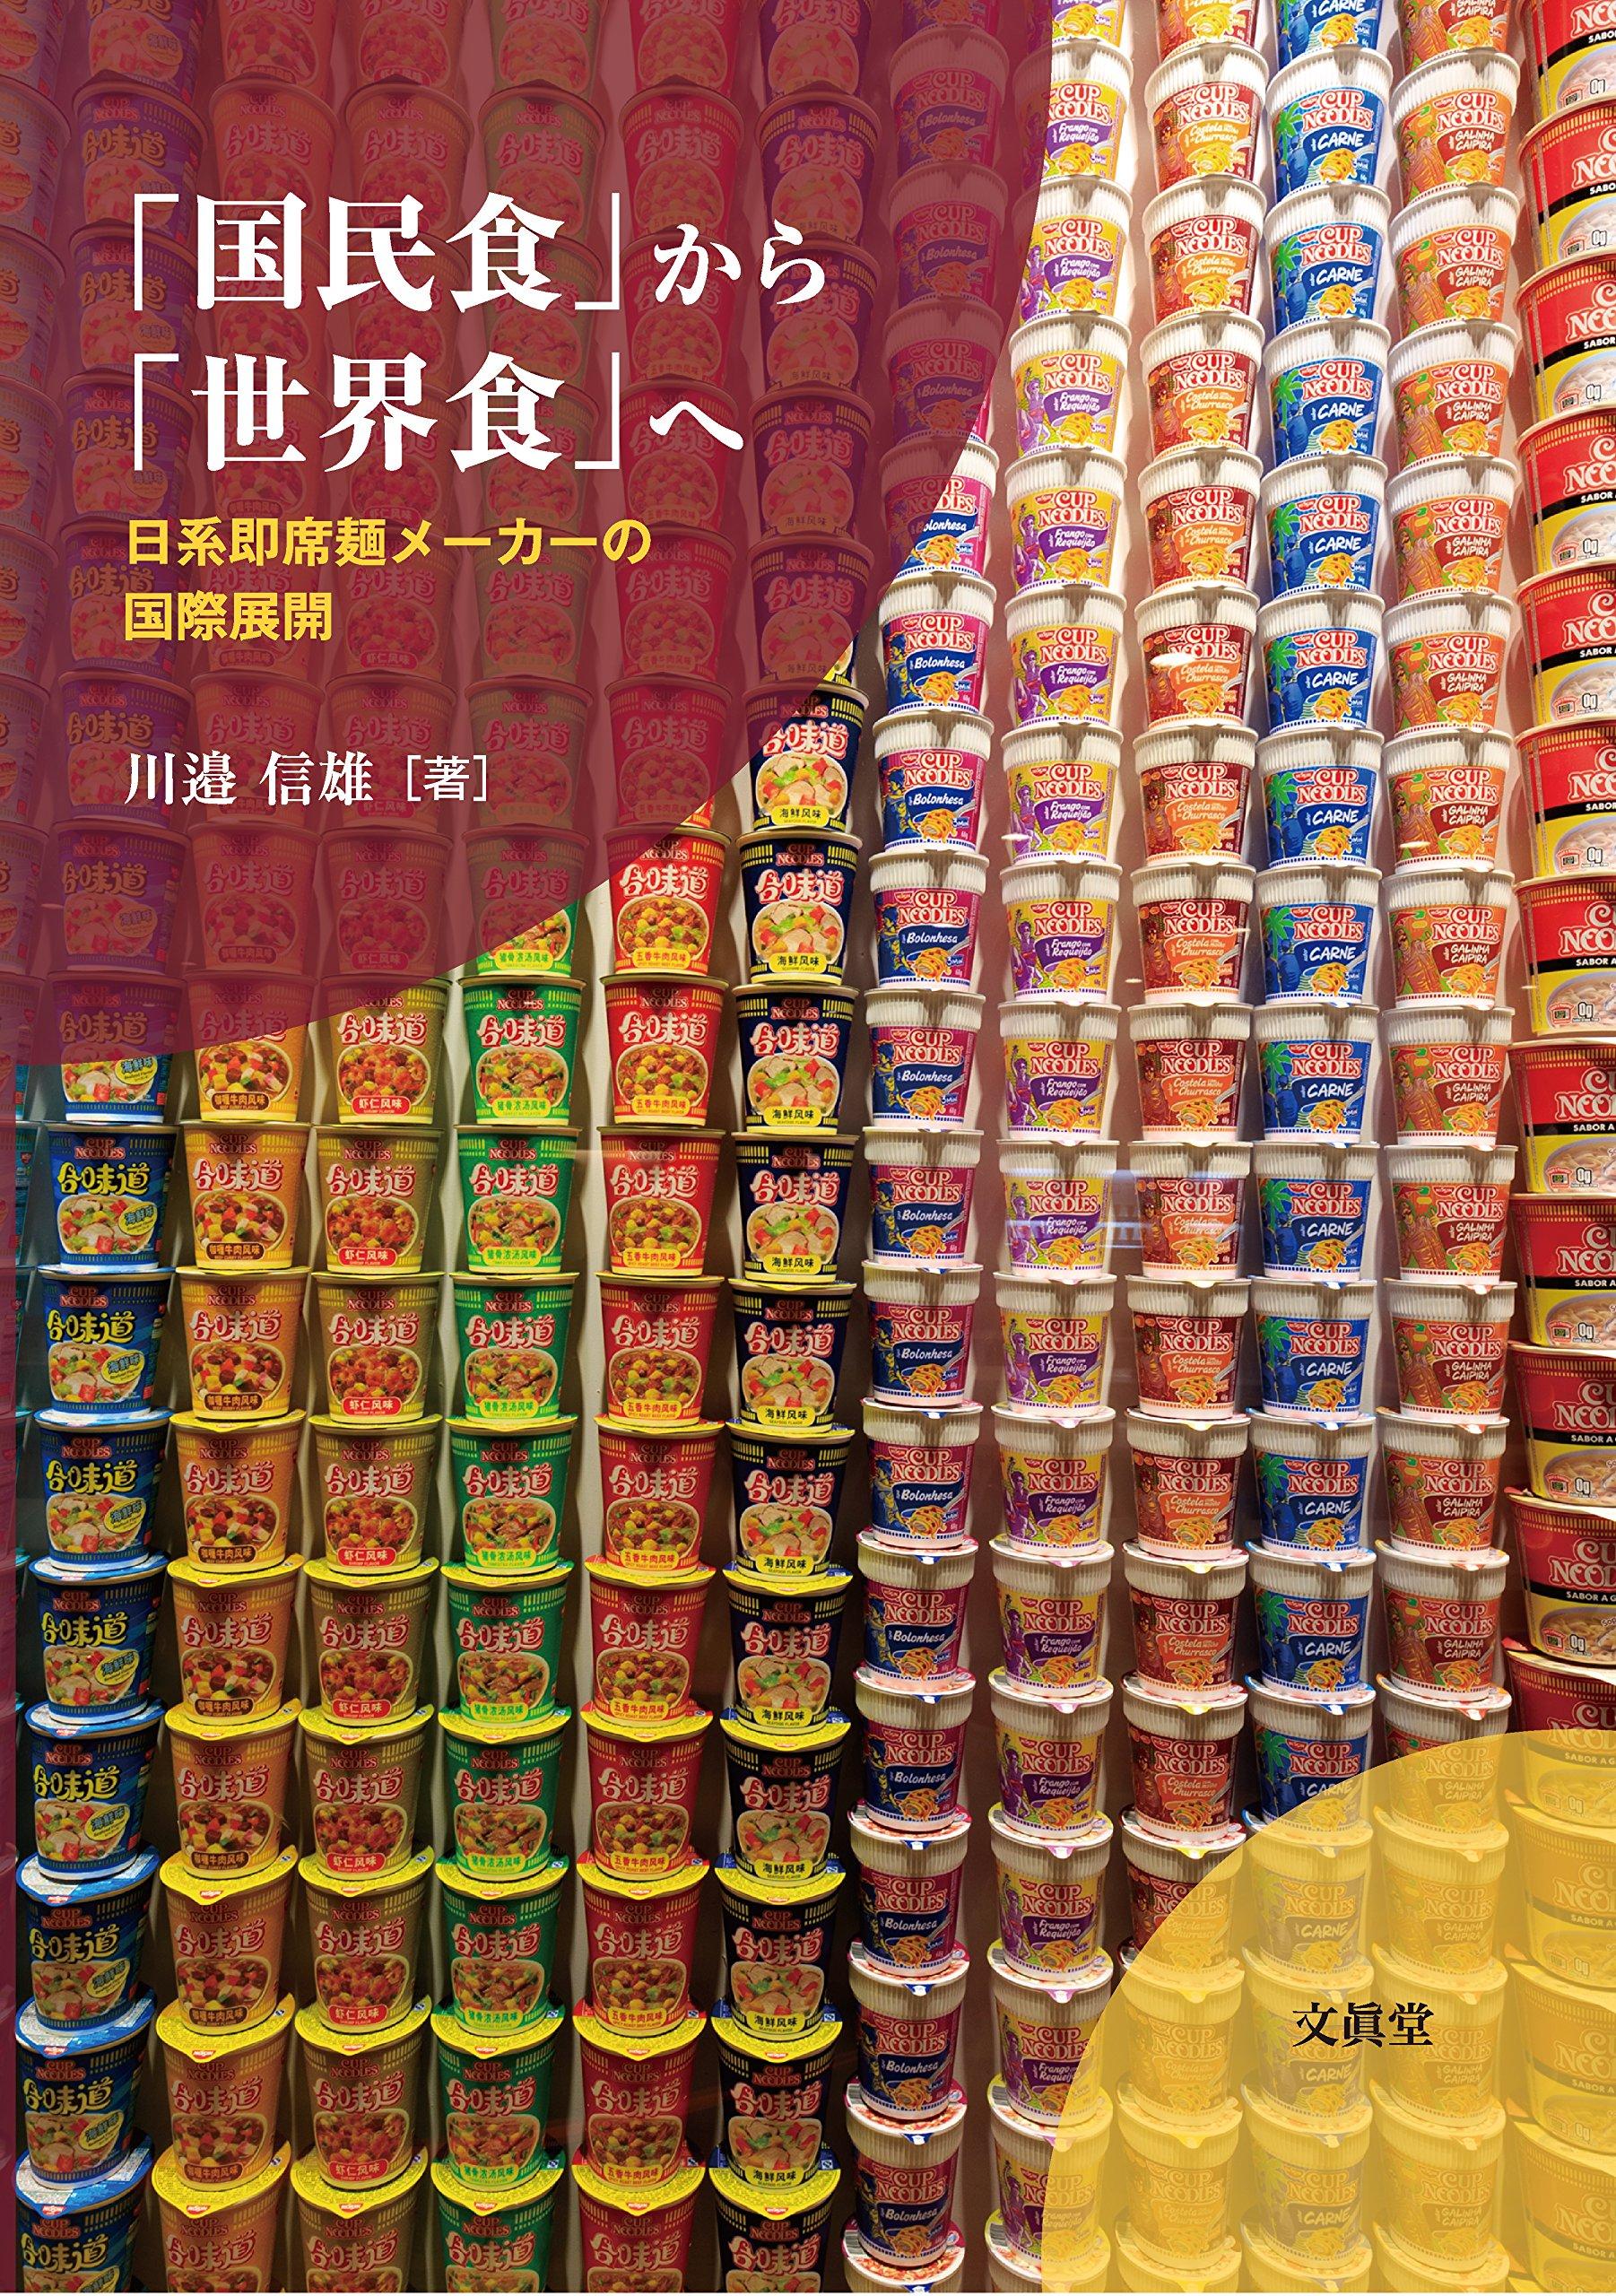 川邉信雄 著『「国民食」から「世界食」へ: 日系即席麺メーカーの国際展開』